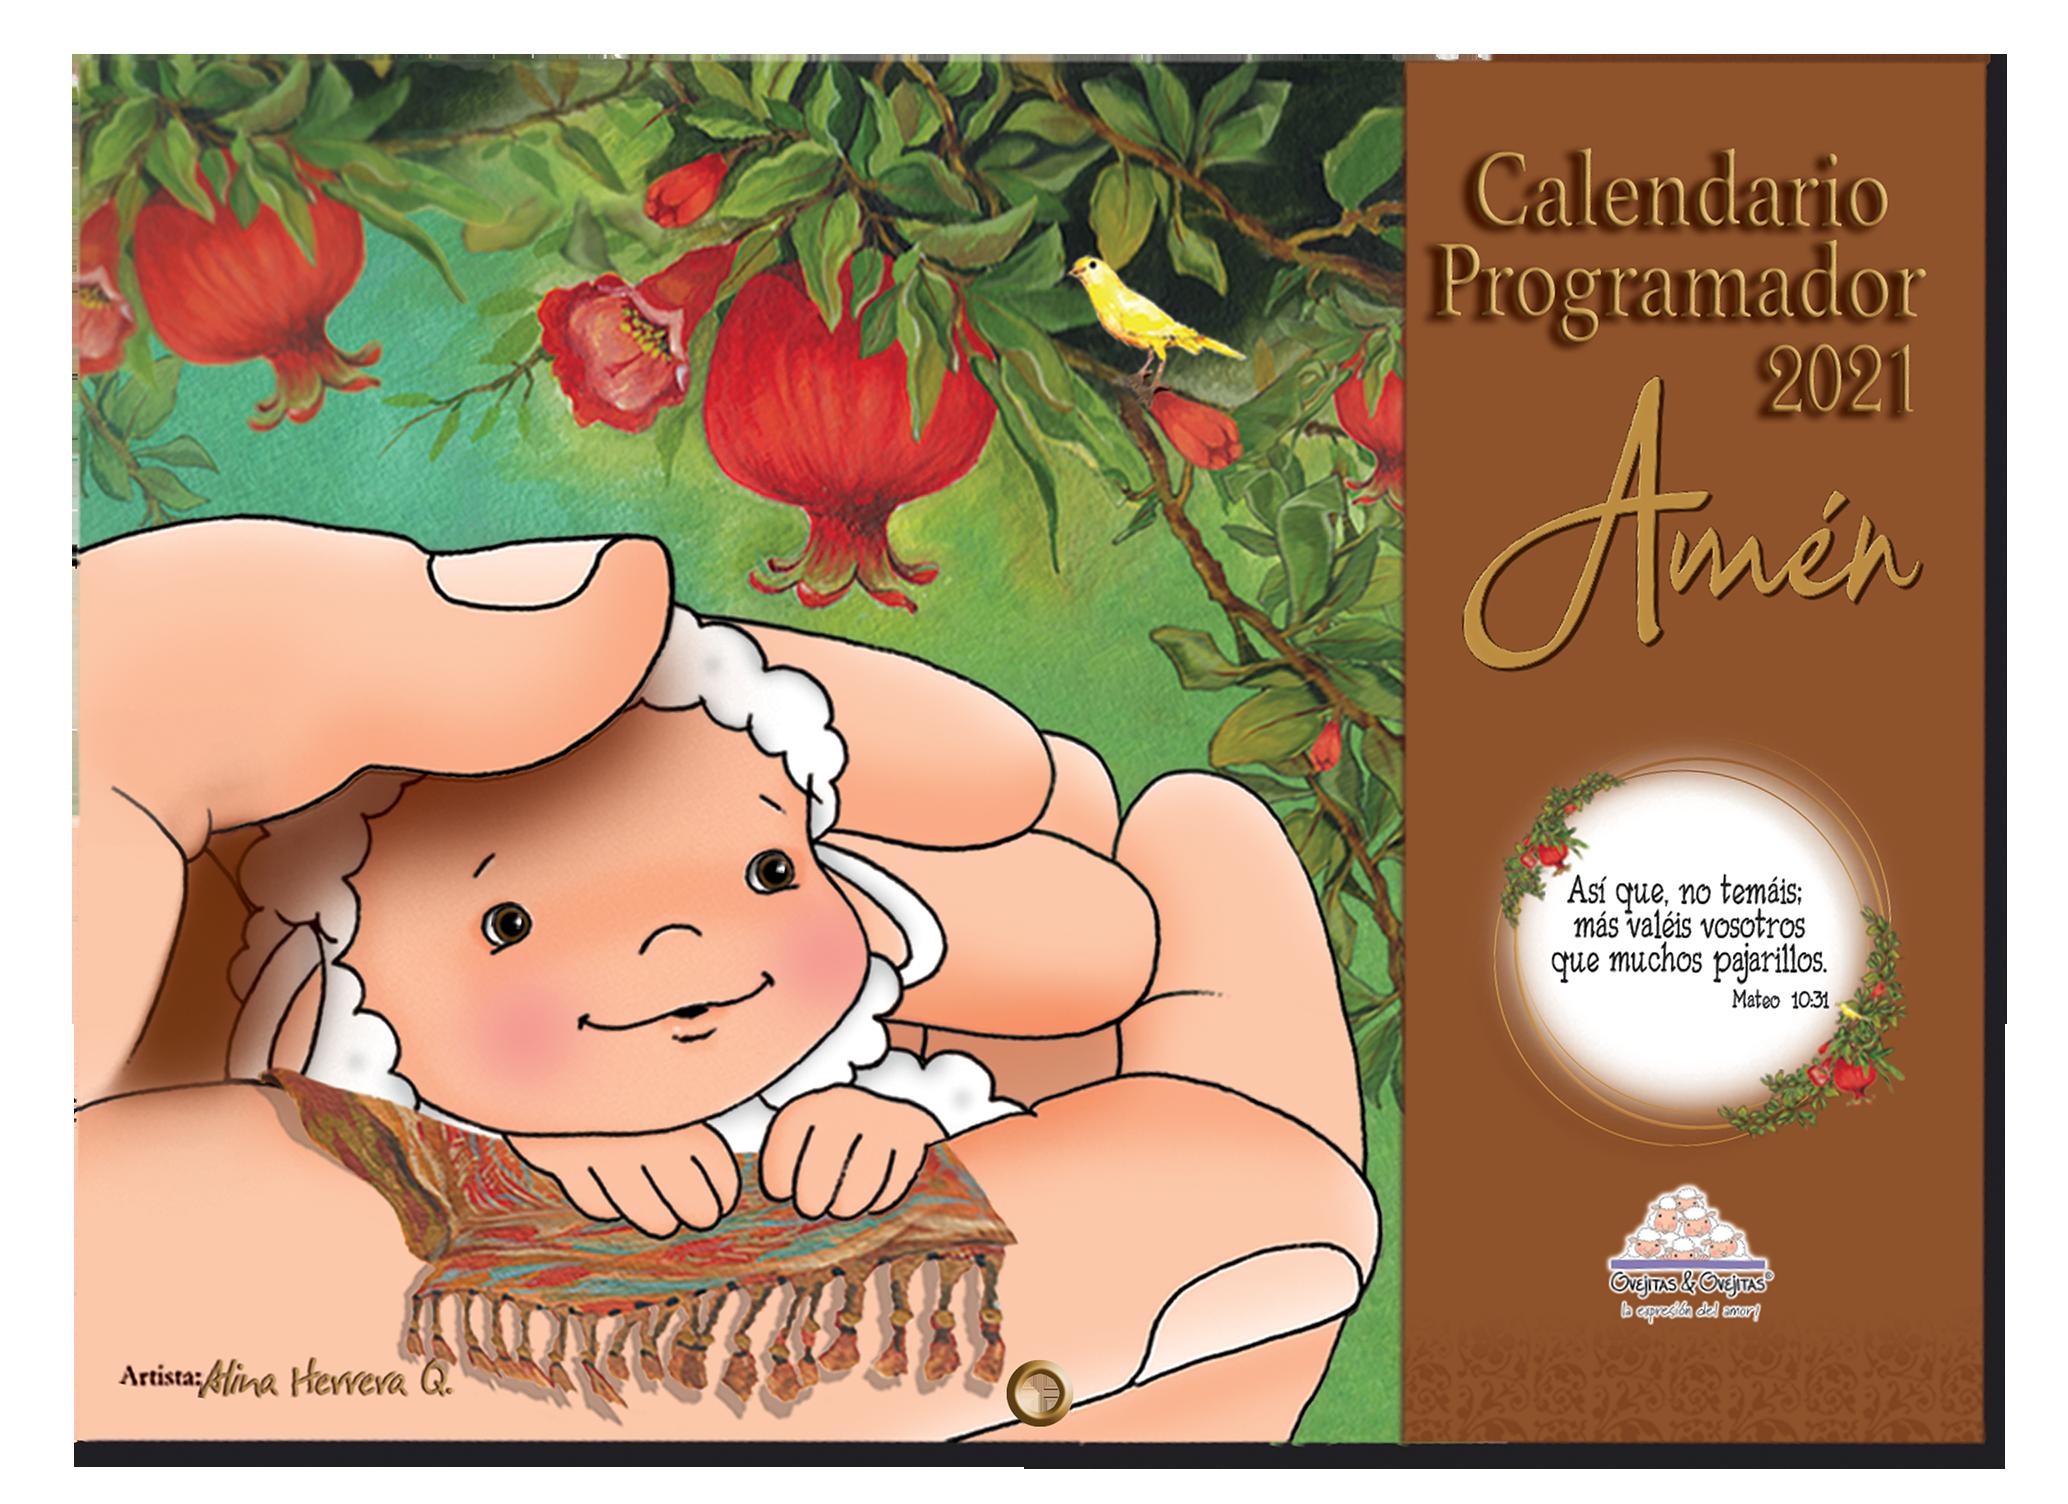 Calendario Programador Ovejitas Amen 2021